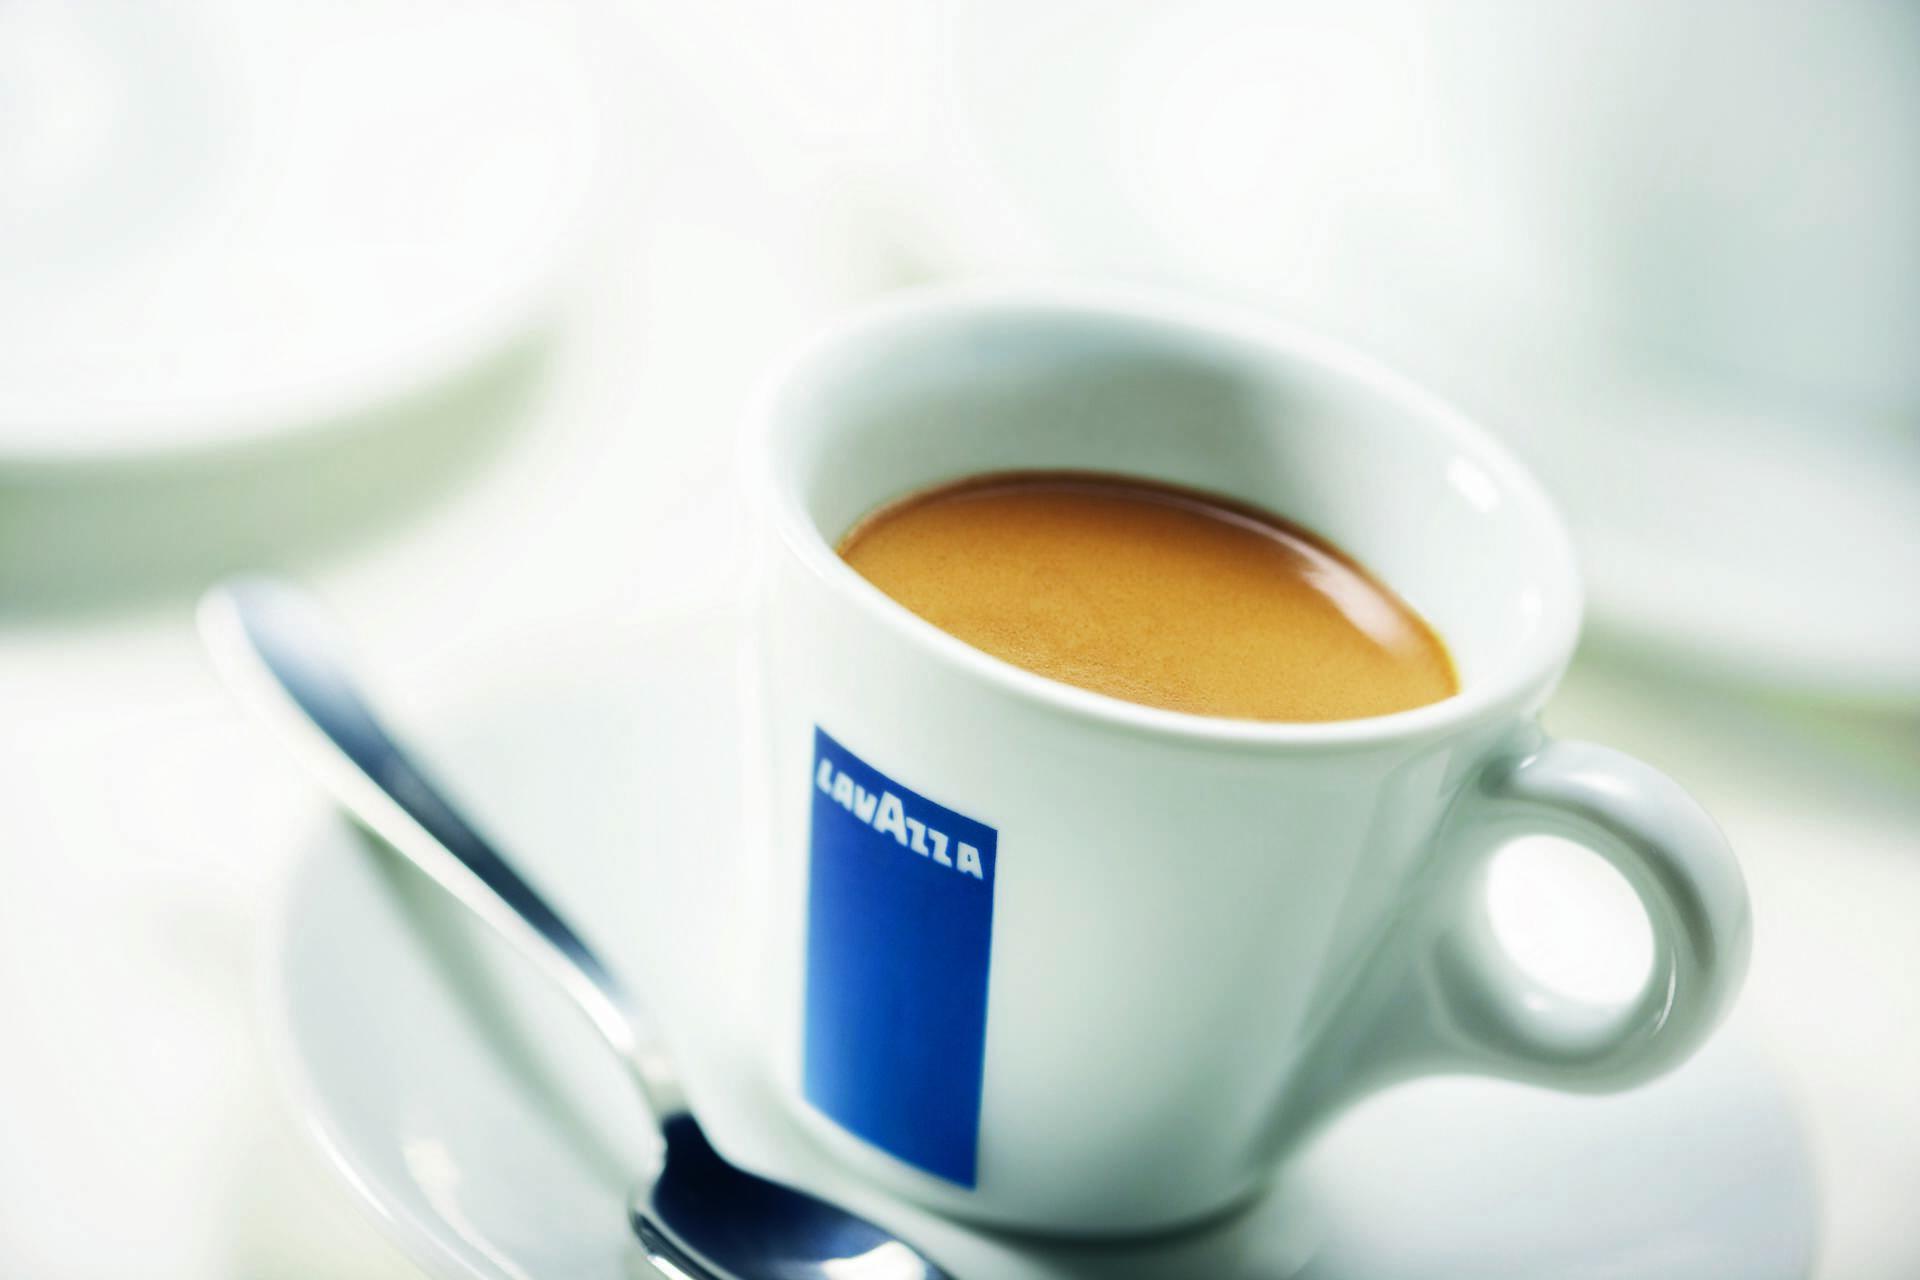 Dépôt de machine à café gratuit à Montfermeil